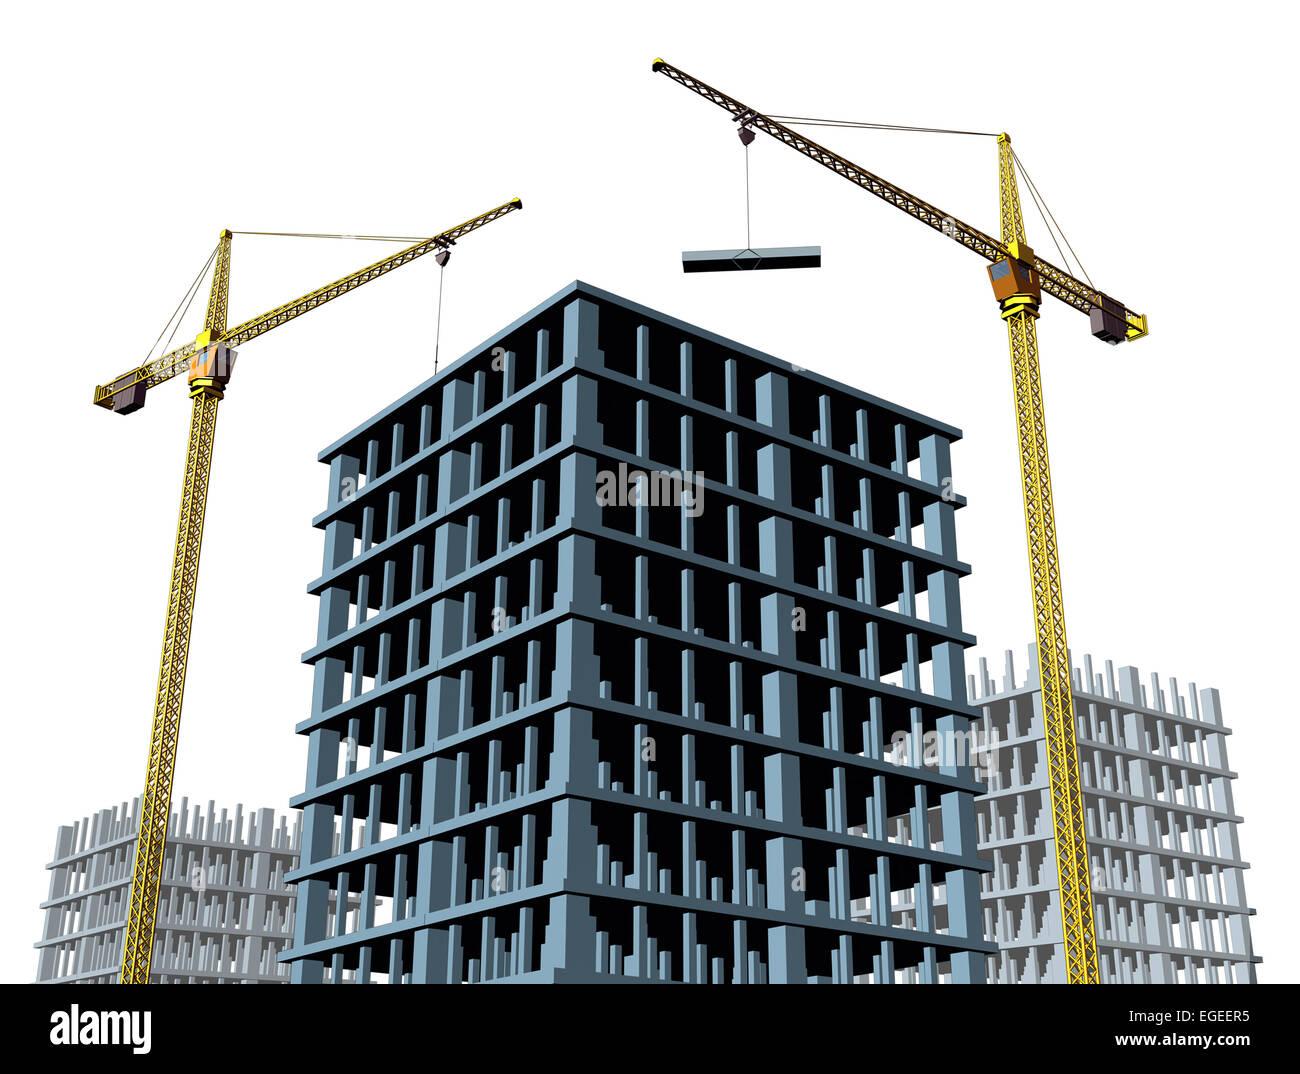 Hochhaus-Baustelle mit einer Betonkonstruktion in Bau als eine kommerzielle Immobilien-Struktur und ein b Stockbild